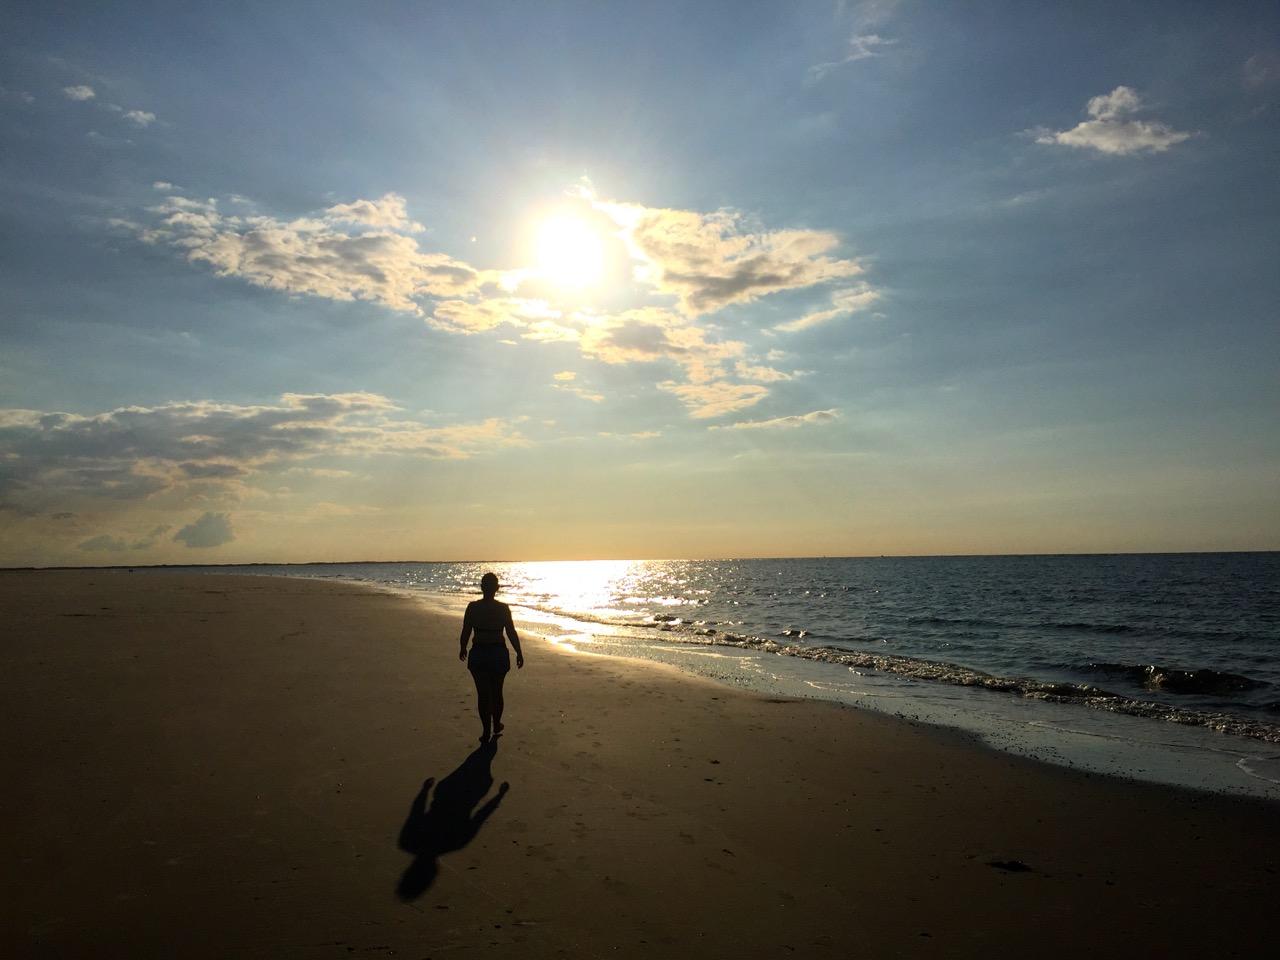 Spiekeroog Urlaub Sonnenuntergang am Meer